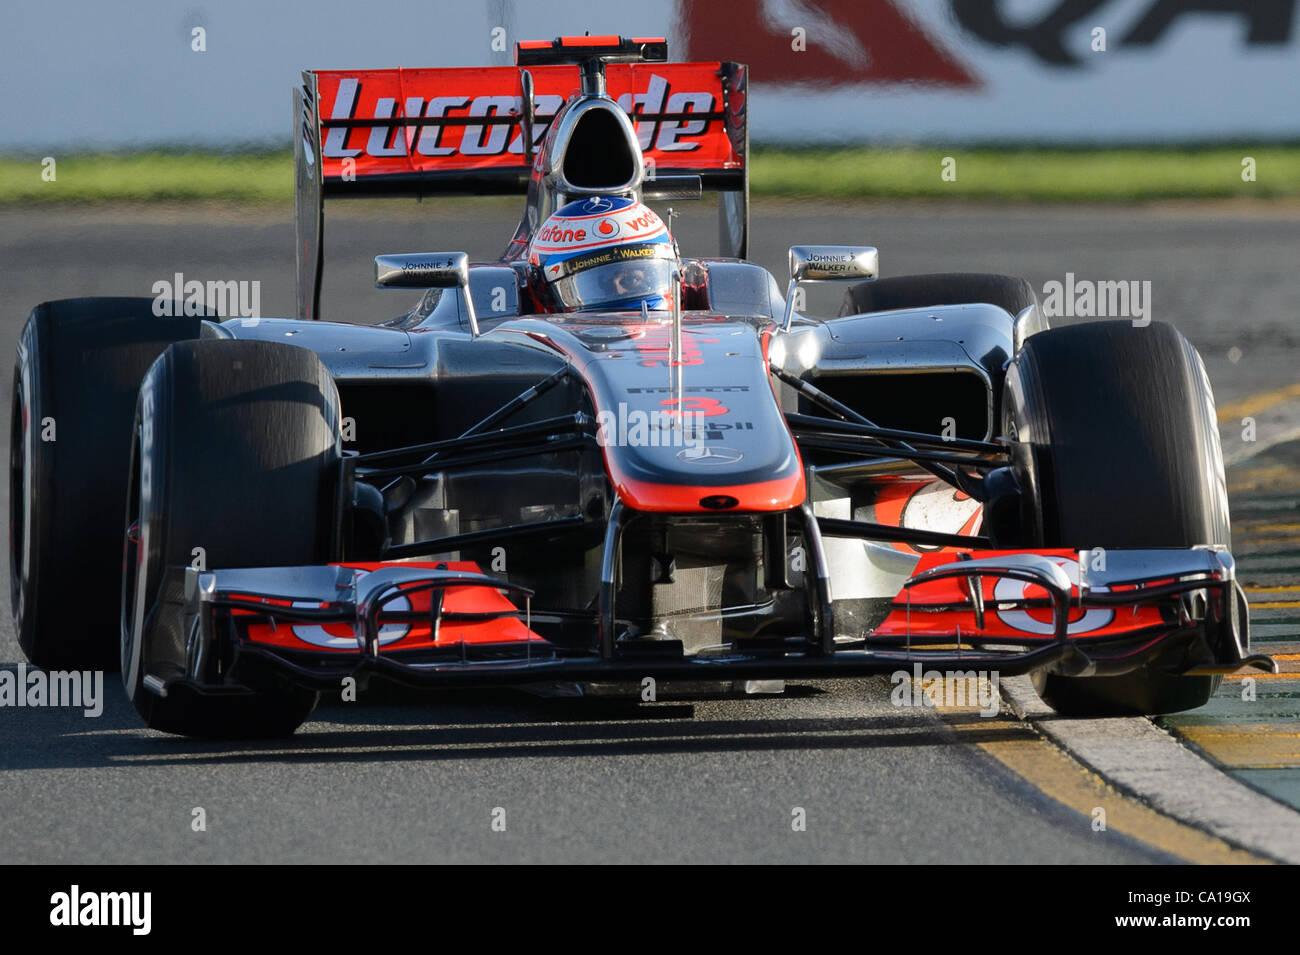 marzo-18-2012-melbourne-victoria-austral